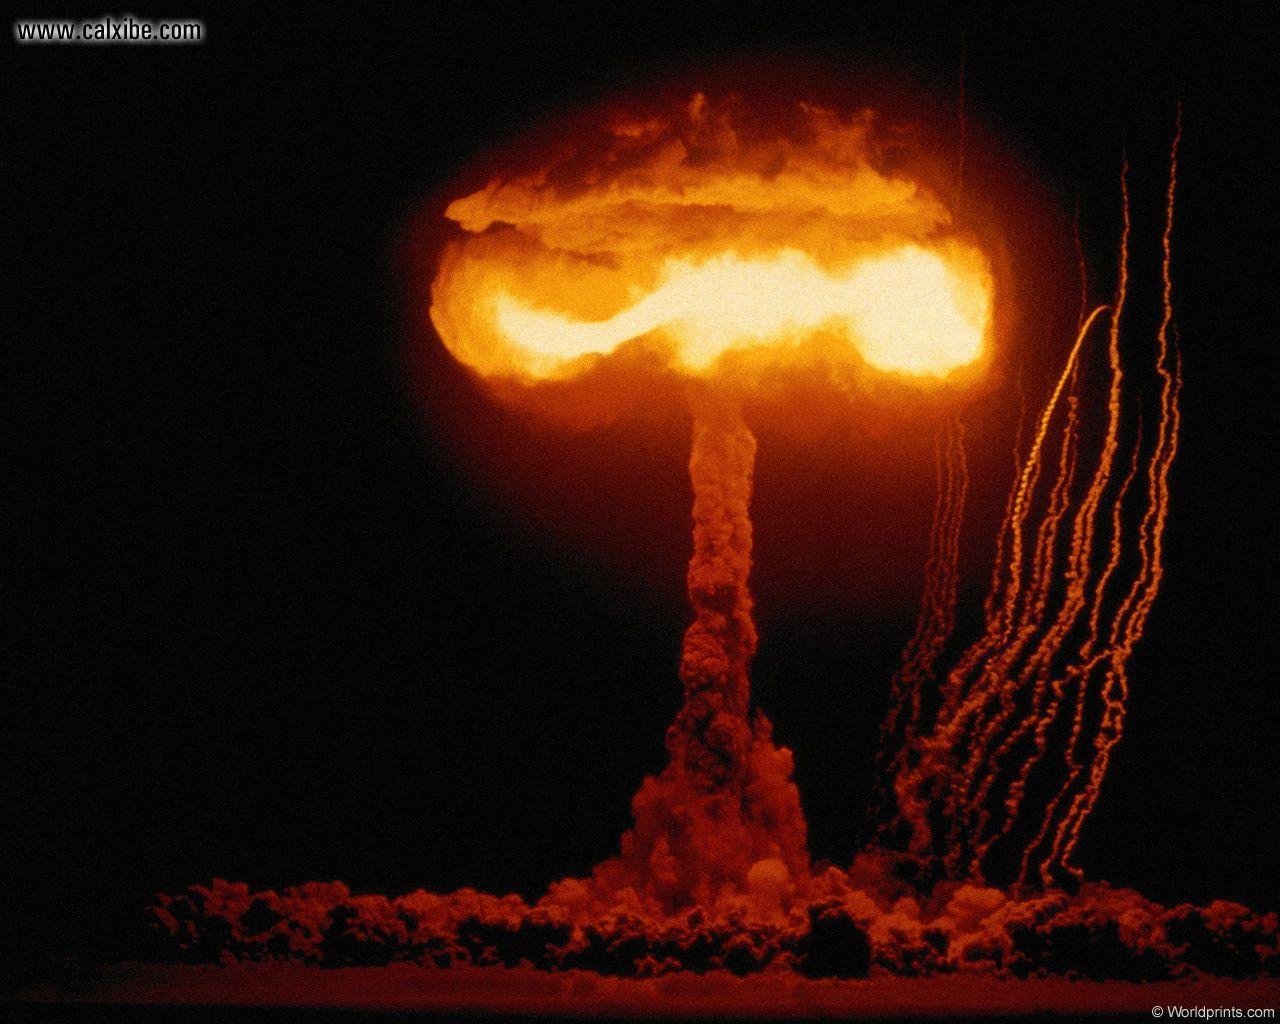 Les chaînes YouTube à voir ! Atomic_explosion